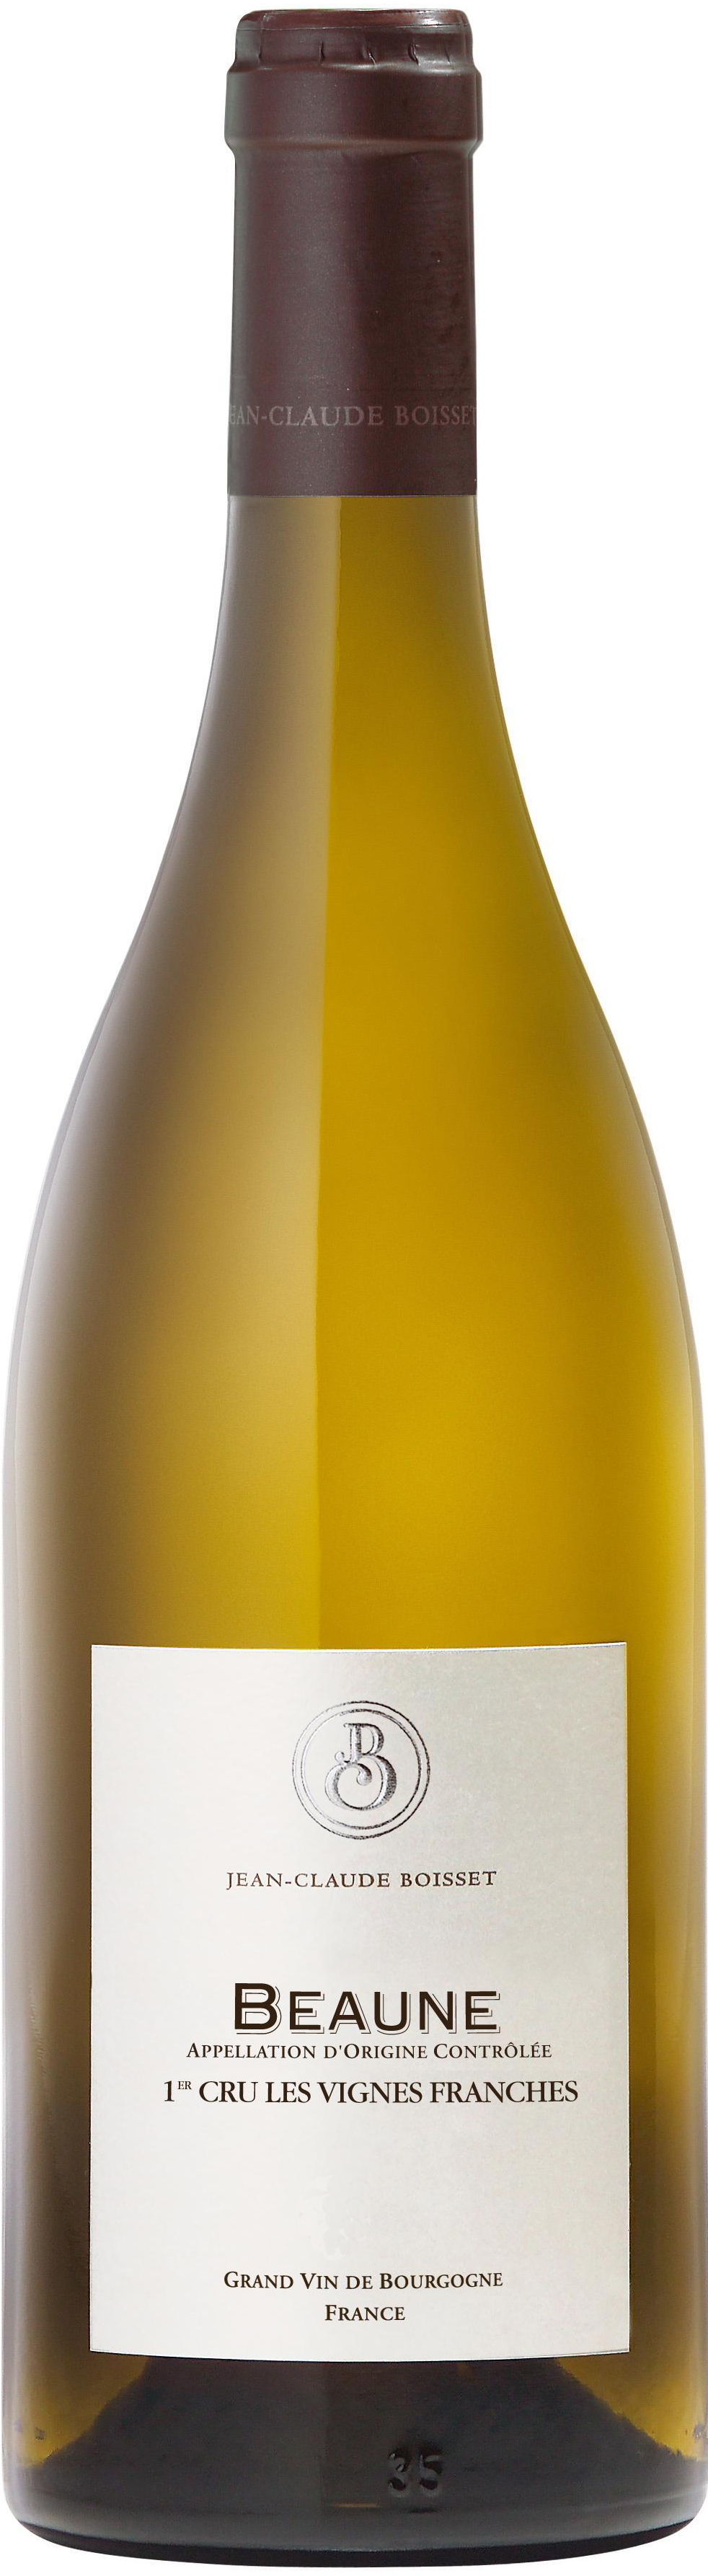 Jean-Claude Boisset, Beaune 1er Cru `Vignes Franches` 2013